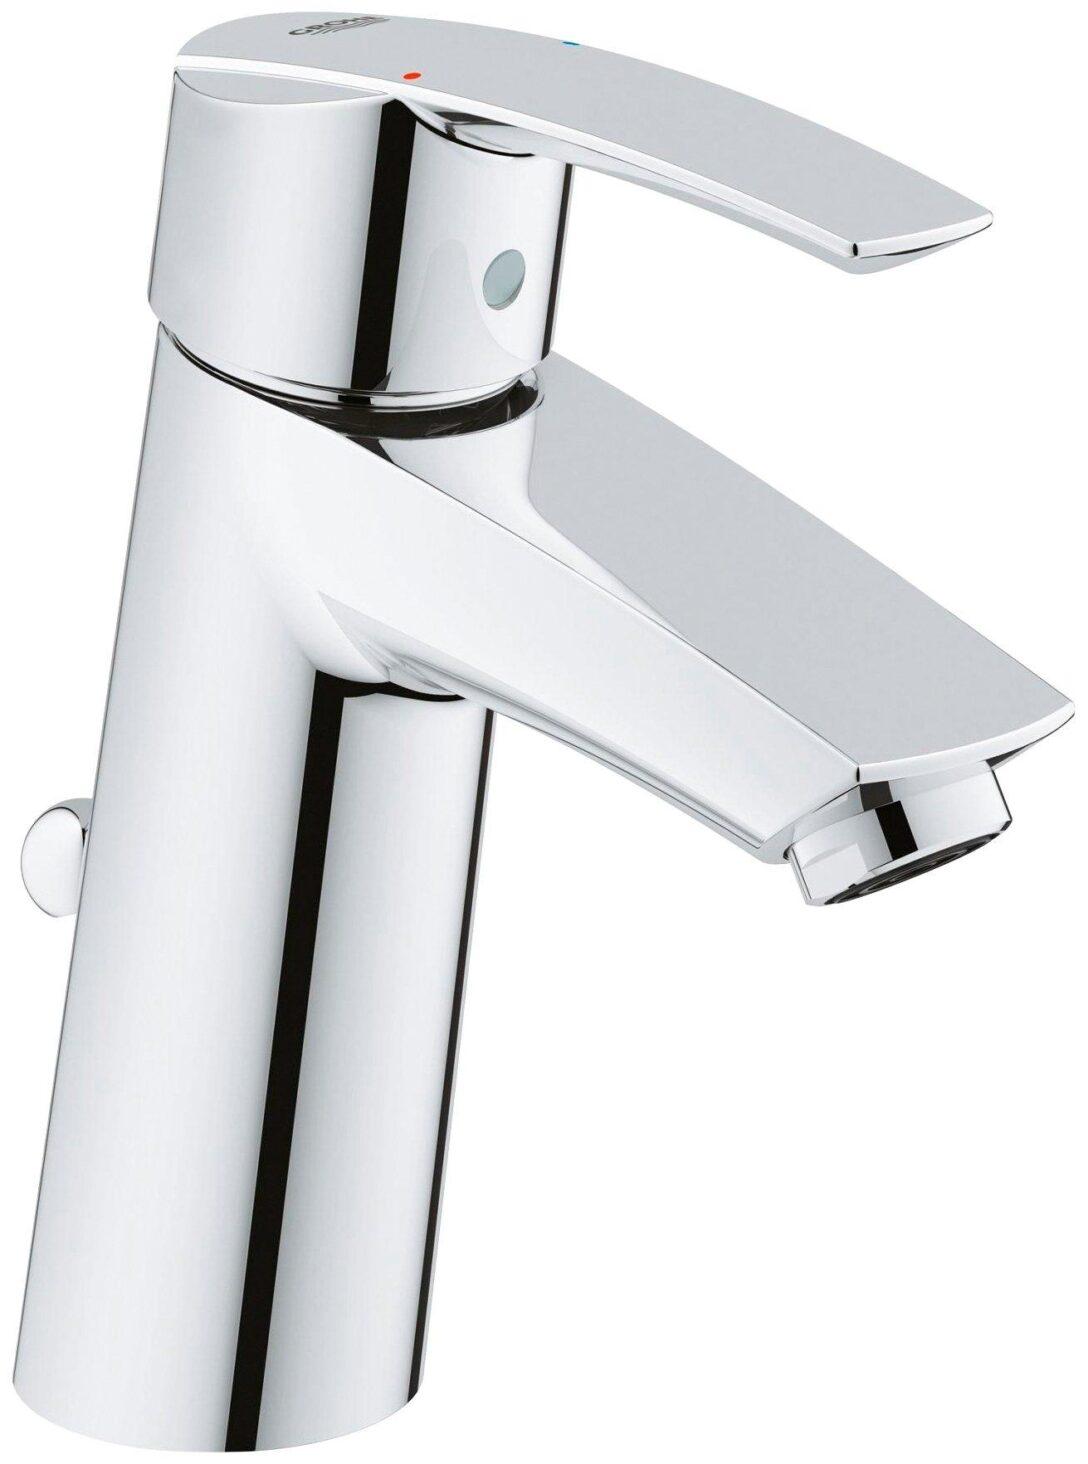 Large Size of Grohe Wasserhahn Waschtischarmatur Start Gre M Thermostat Dusche Für Küche Bad Wandanschluss Wohnzimmer Grohe Wasserhahn